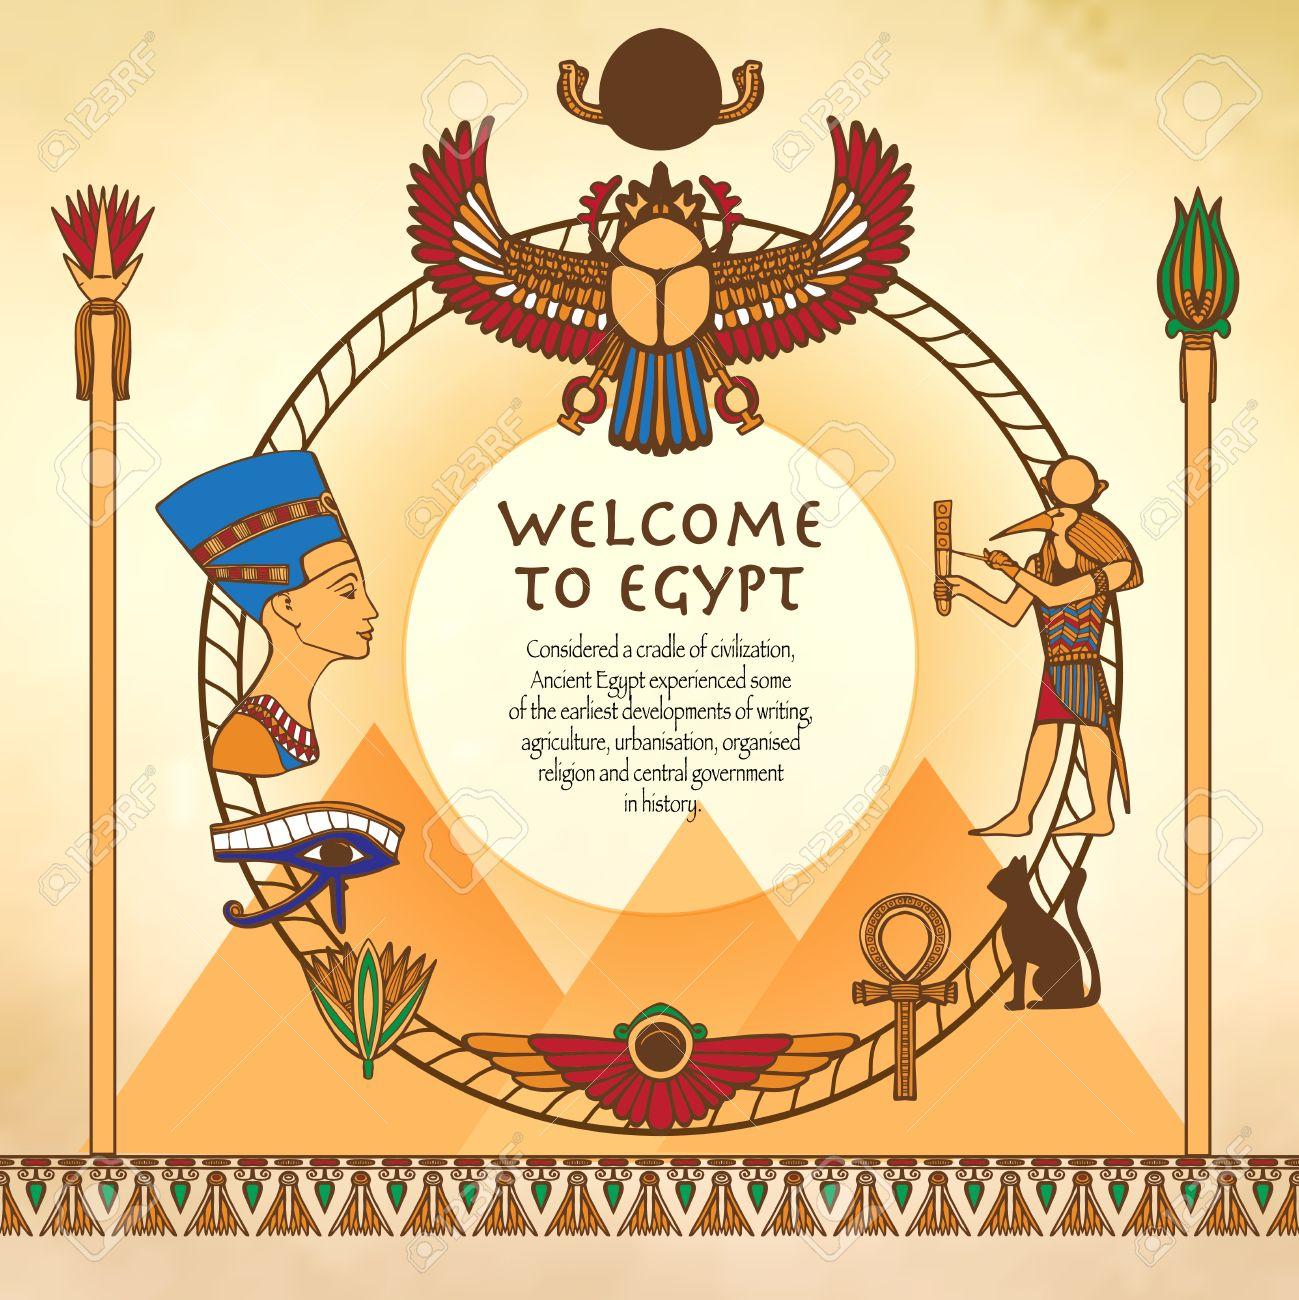 47625365-gyptischen-hintergrund-mit-rahmen-aus-gypten-alten-symbole-vektor-illustration_2018-10-05.jpg